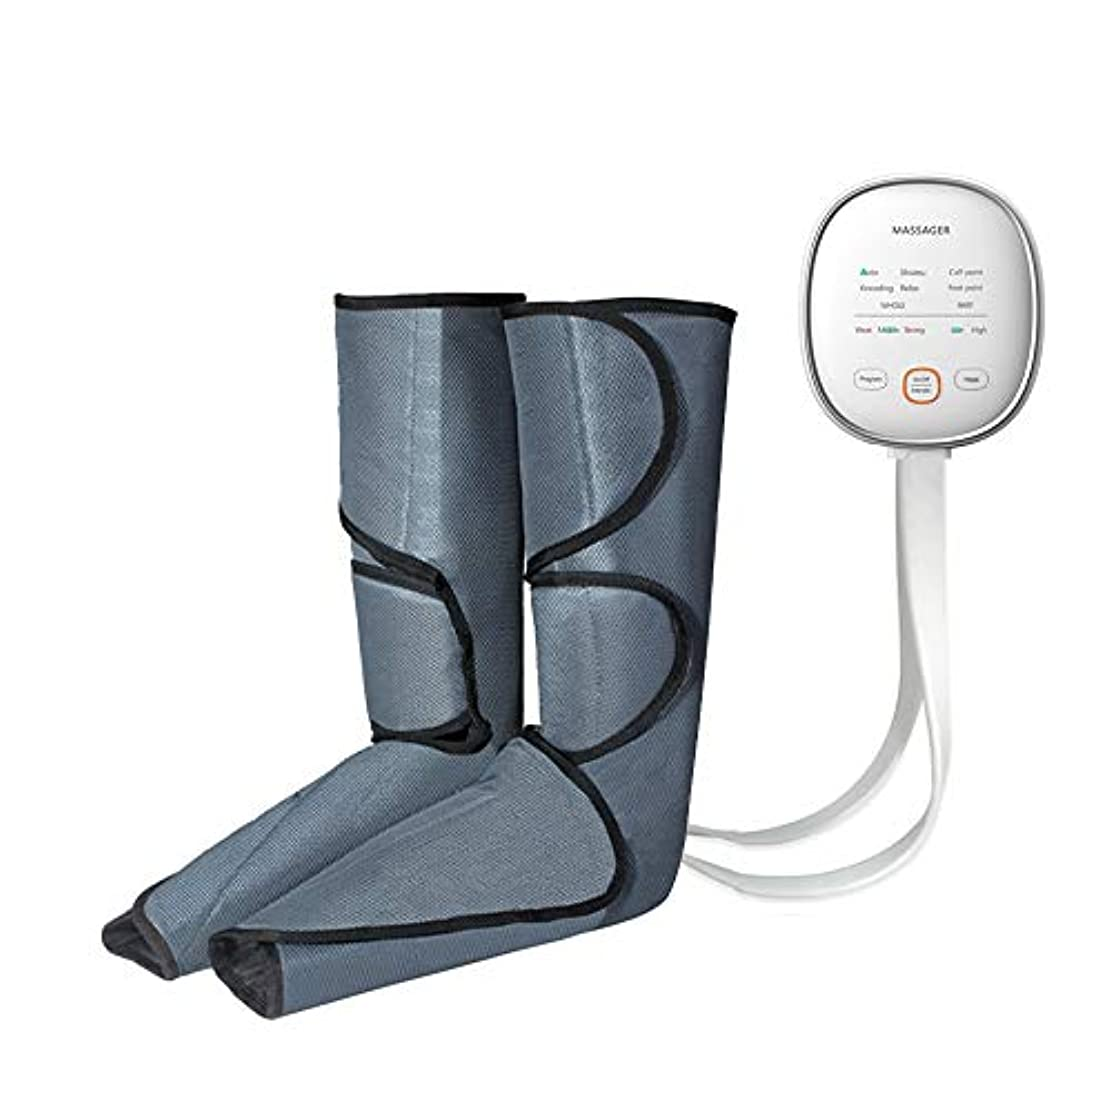 溶融ひまわりヘルパーフットマッサージャー 足とふくらはぎ エアーマッサージャー器 温感機能 3つ段階の強さ フット空気圧縮マッサージ 睡眠 血行の促進 疲労回復 家庭用